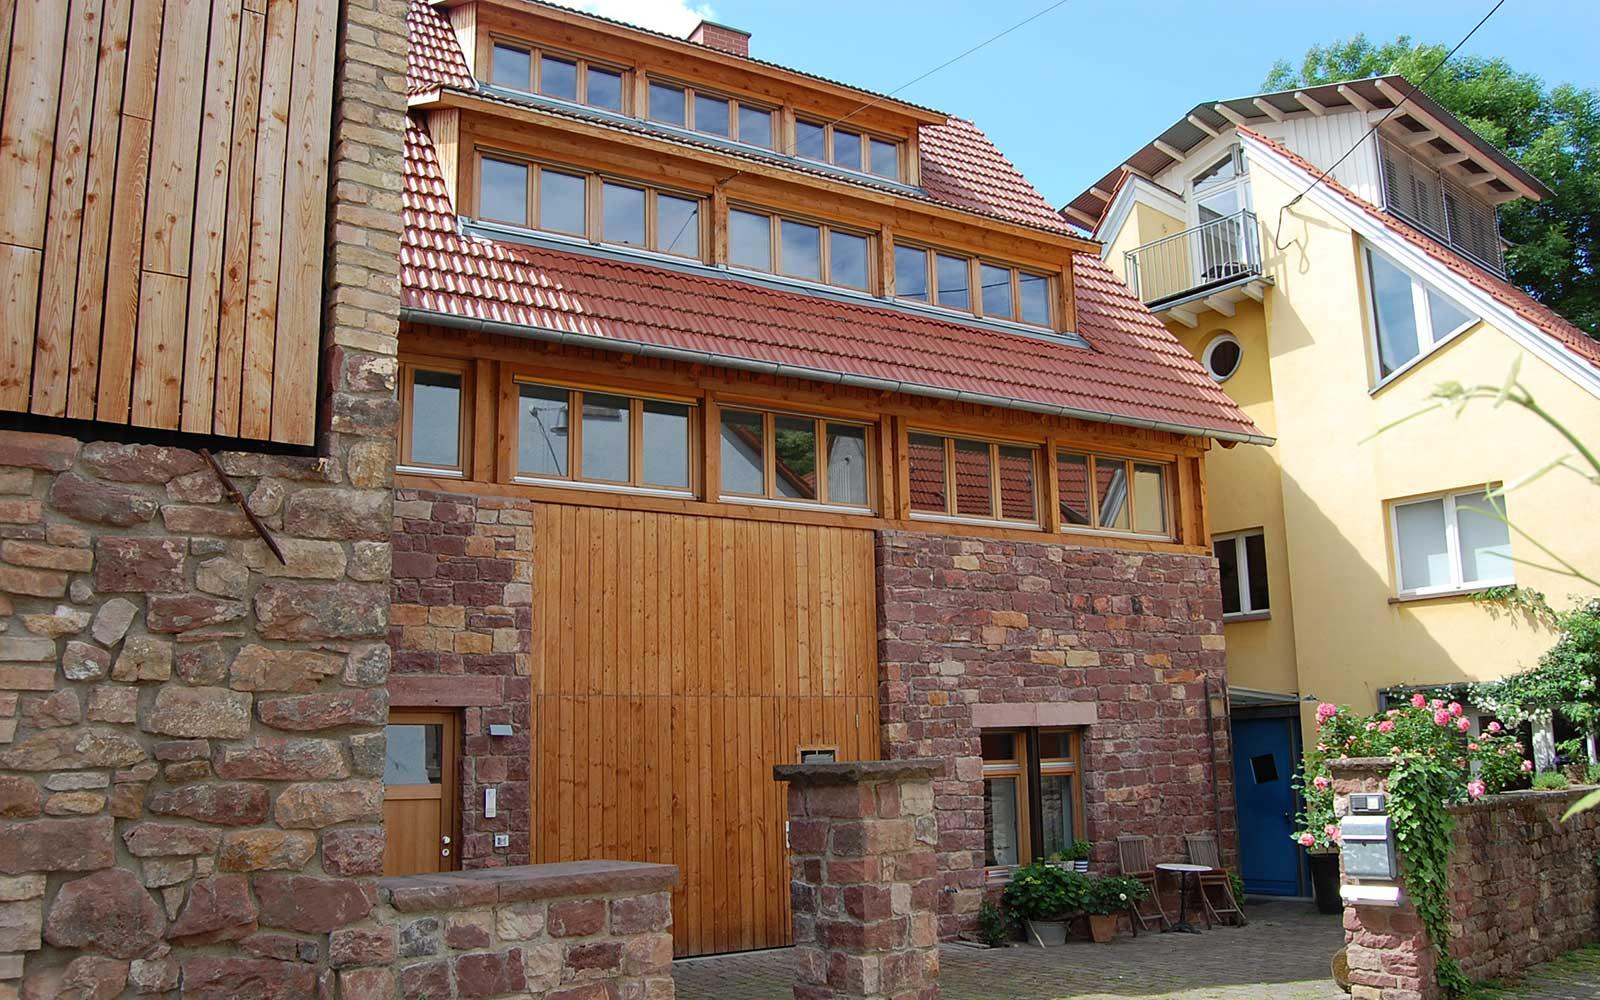 Scheunenausbau in Heidelberg Handschuhsheim, Kochhan und Weckbach